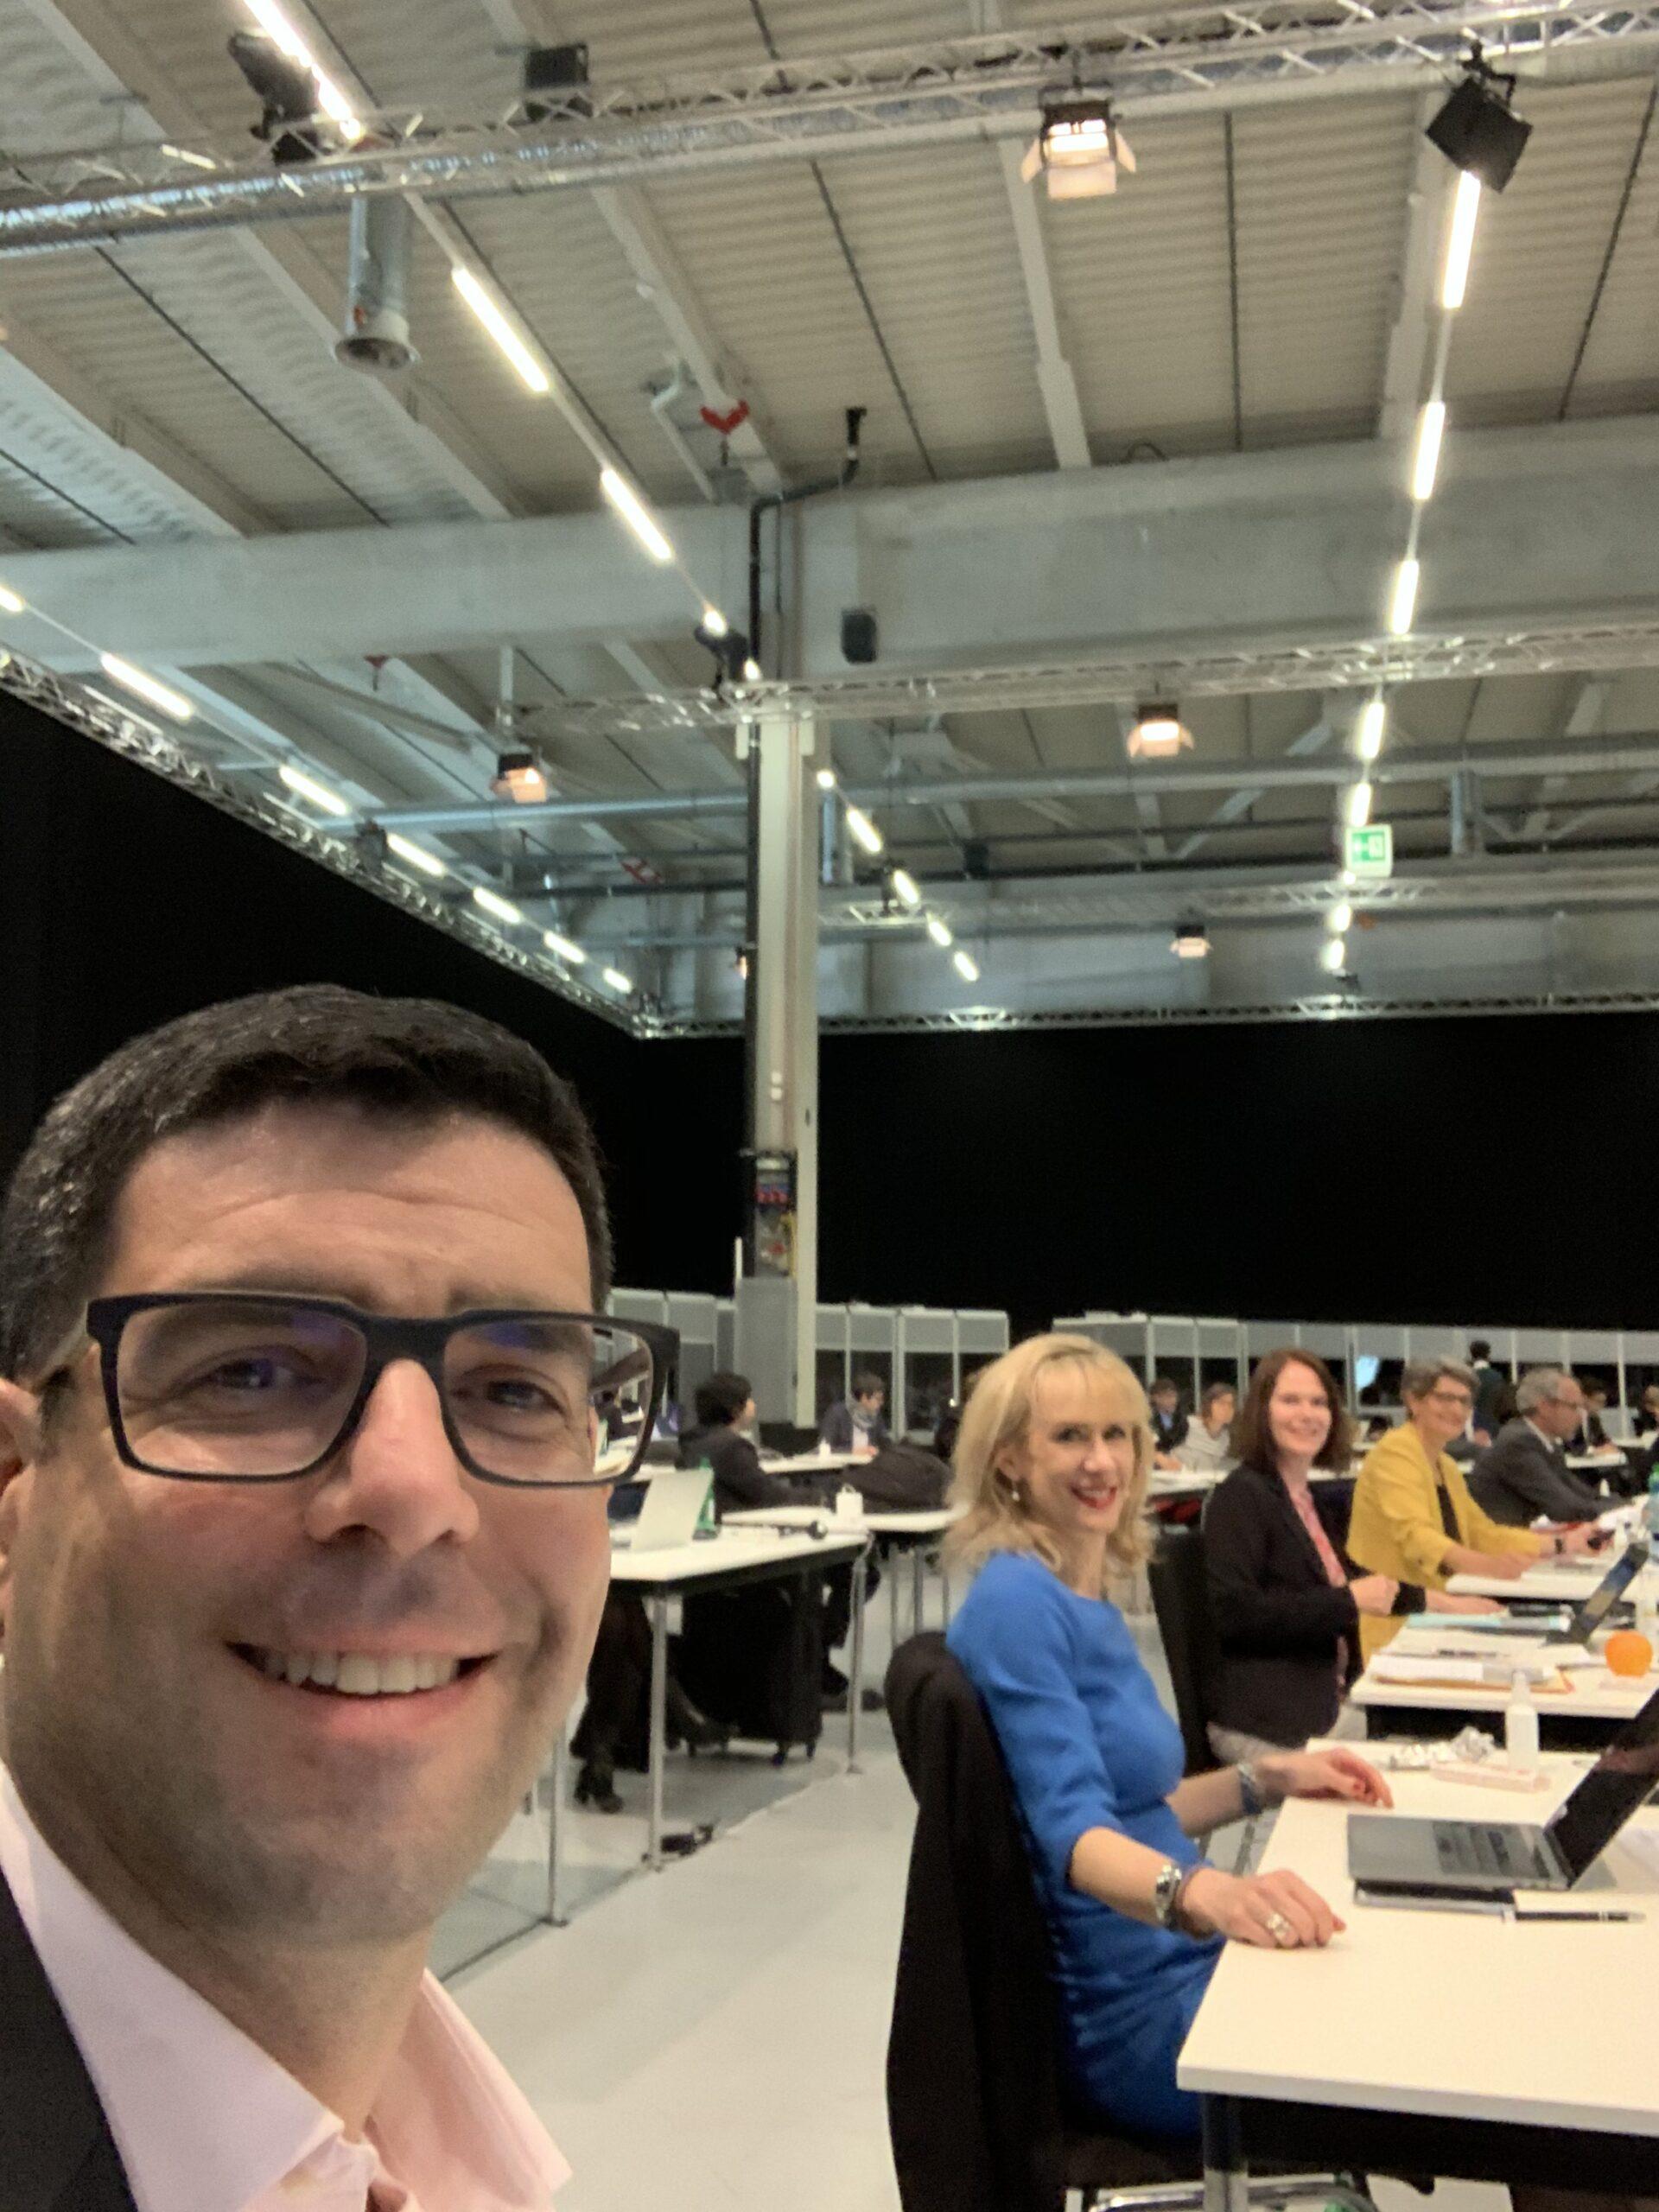 Selfie während der ausserordentlichen Session in der Bernexpo